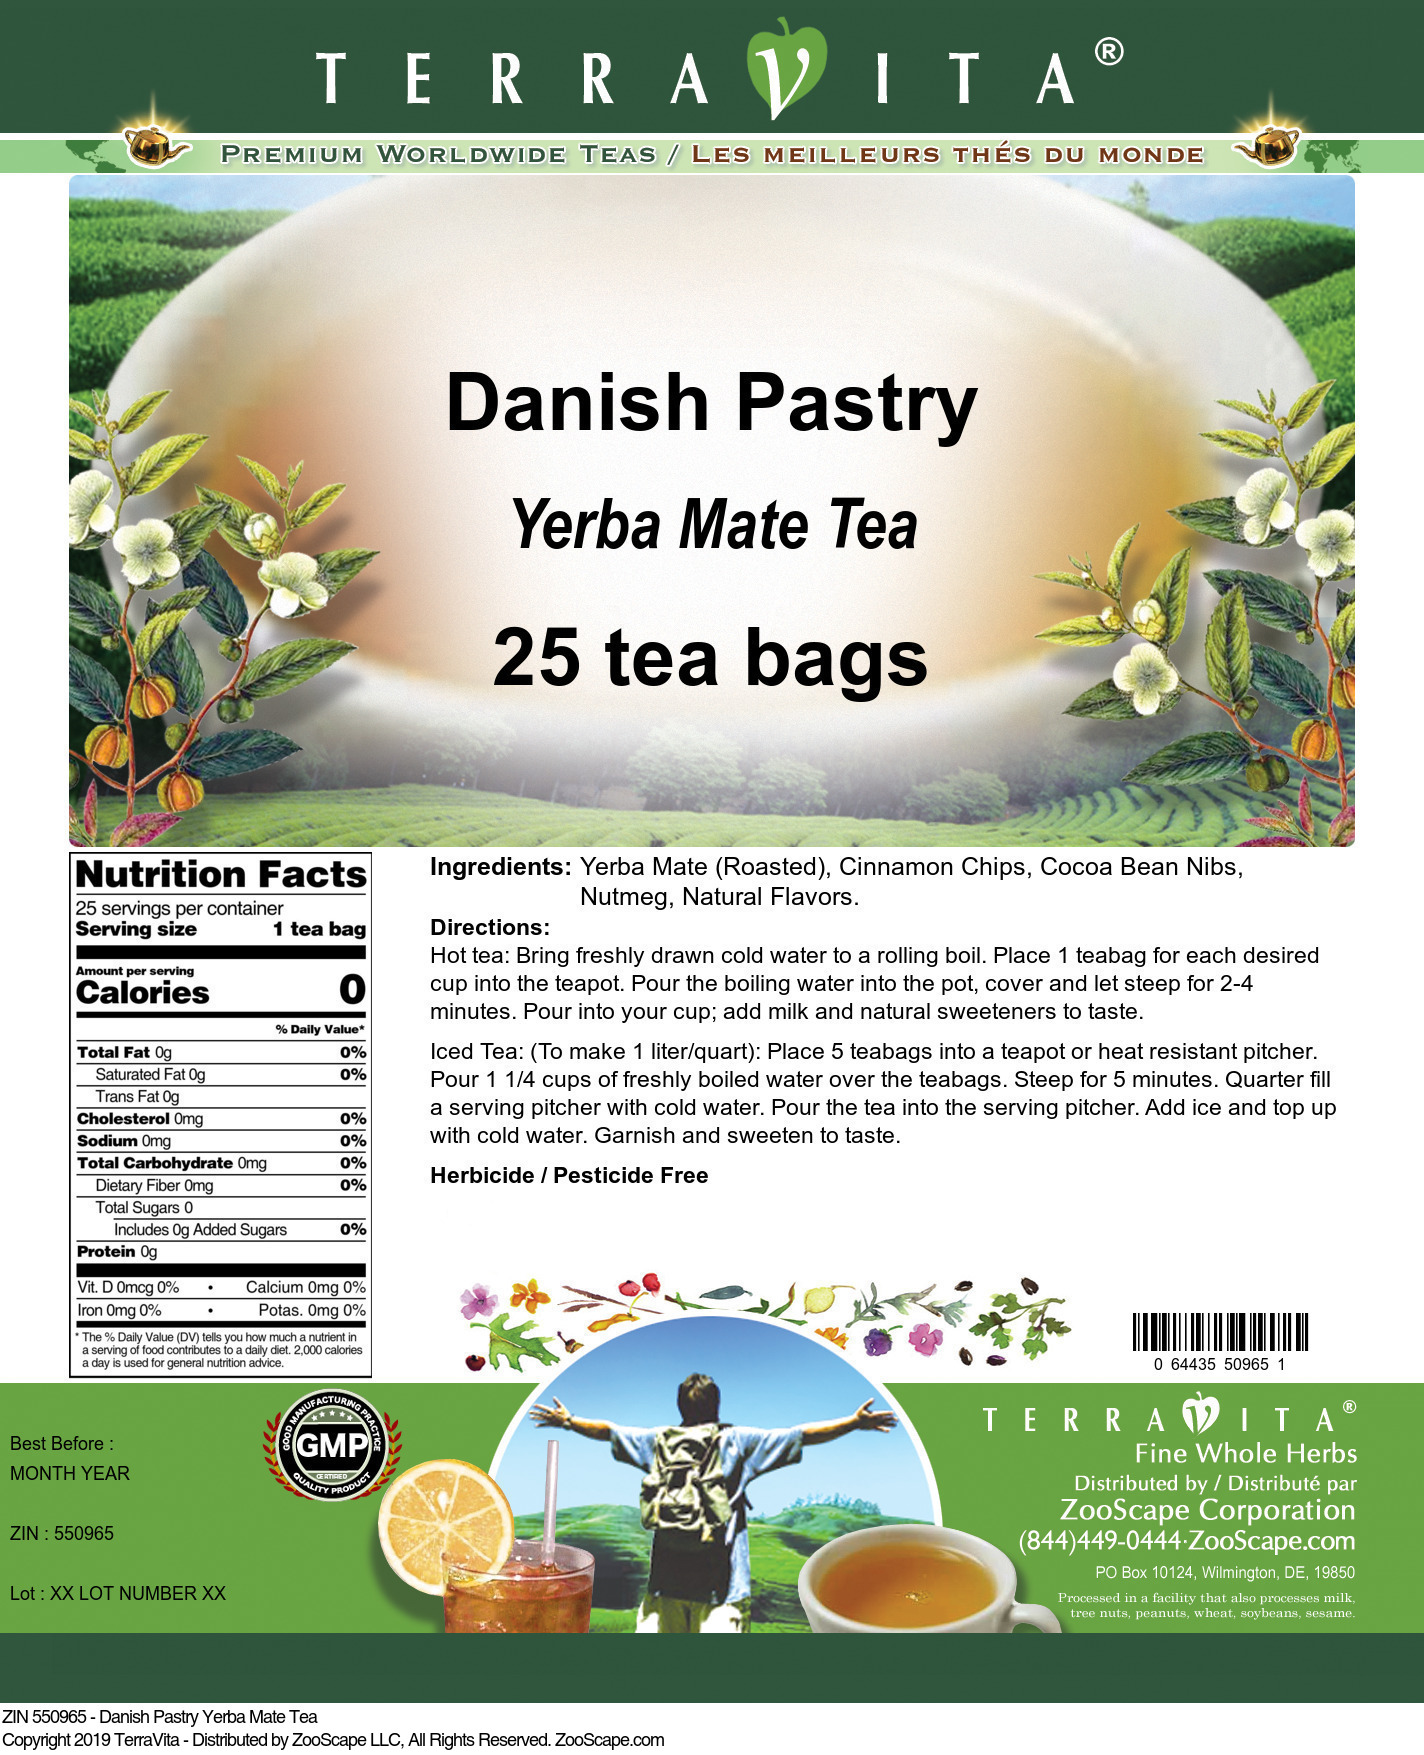 Danish Pastry Yerba Mate